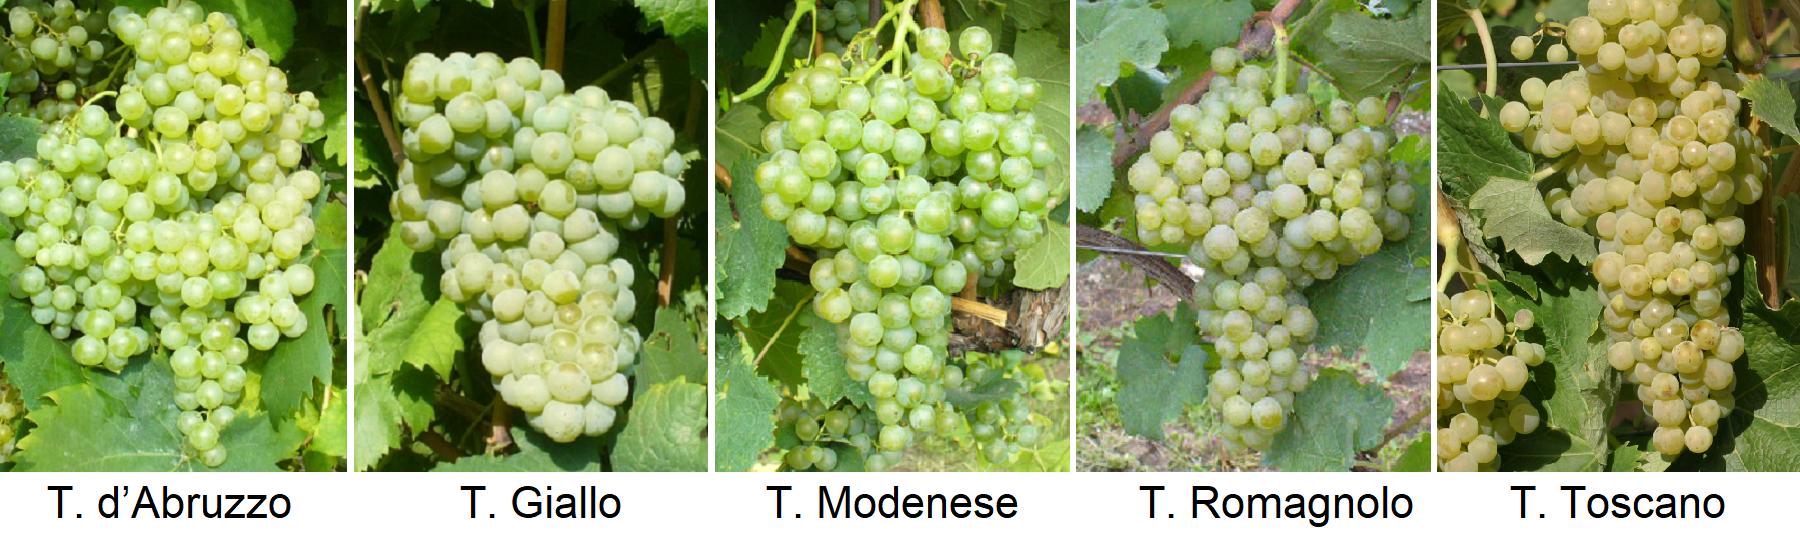 Trebbiano - T. d'Abruzzo, T. Giallo, T. Modenese, T. Romagnolo, Toscano